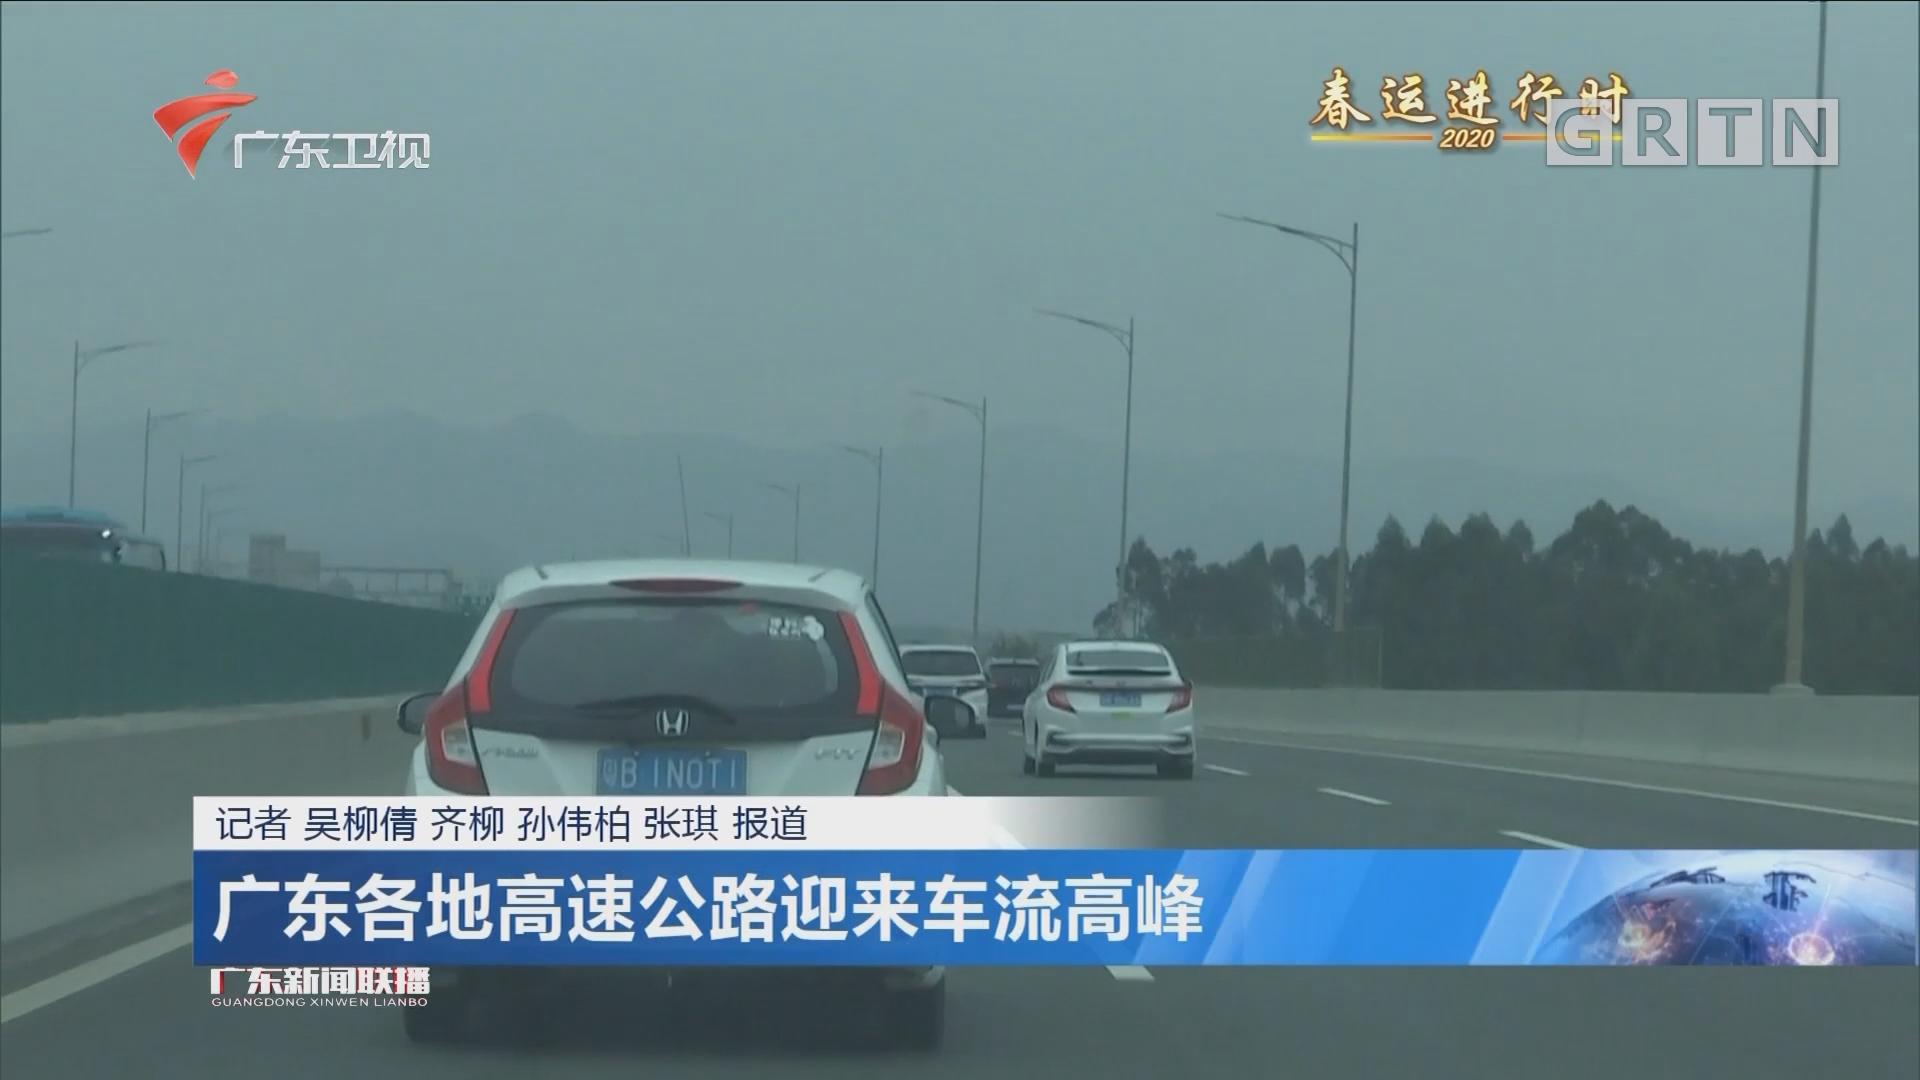 广东各地高速公路迎来车流高峰